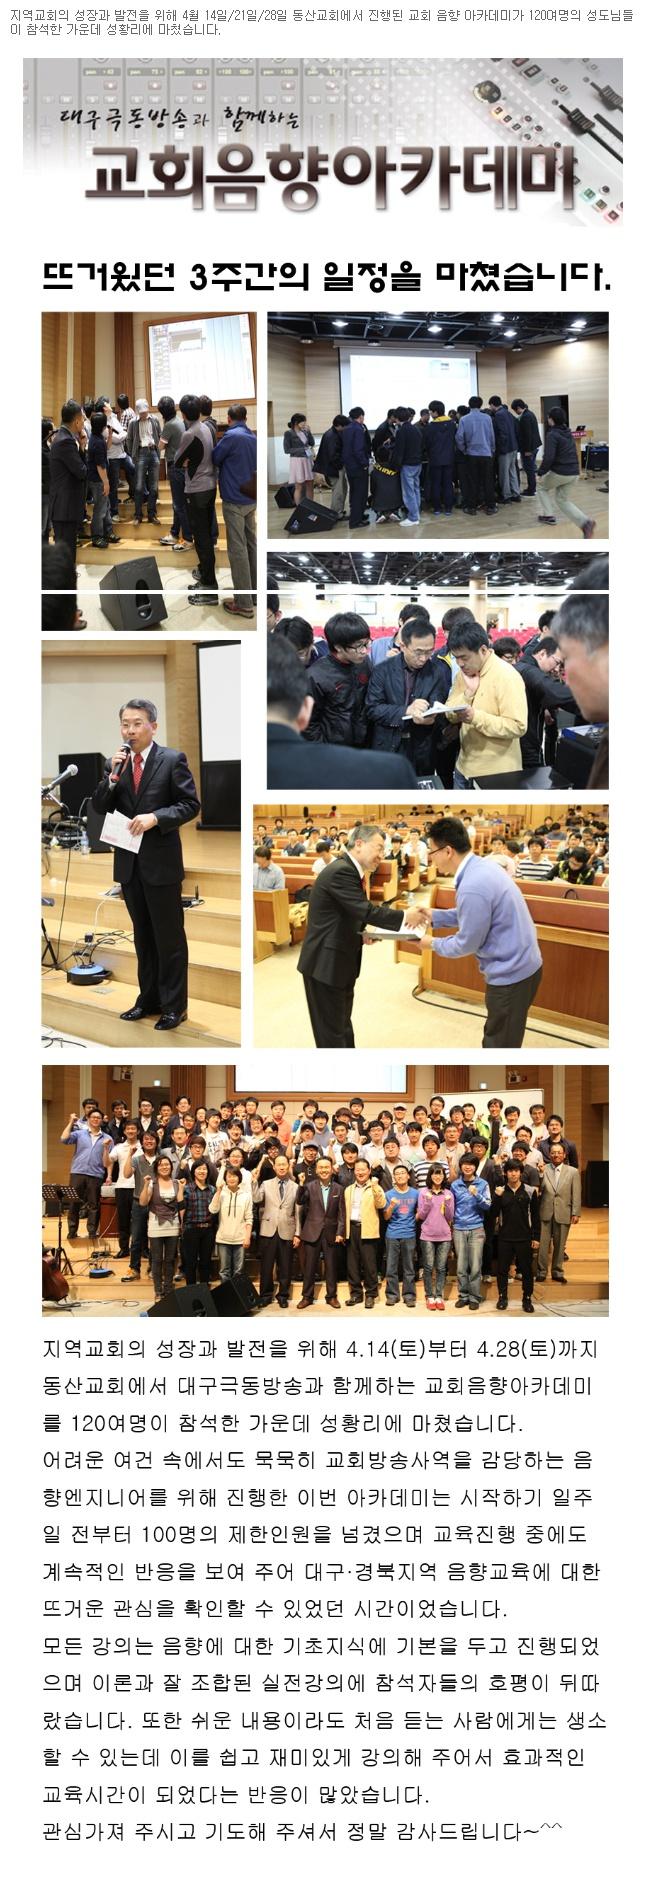 28. 대구극동방송과 함께하는 교회 음향아카데미.jpg